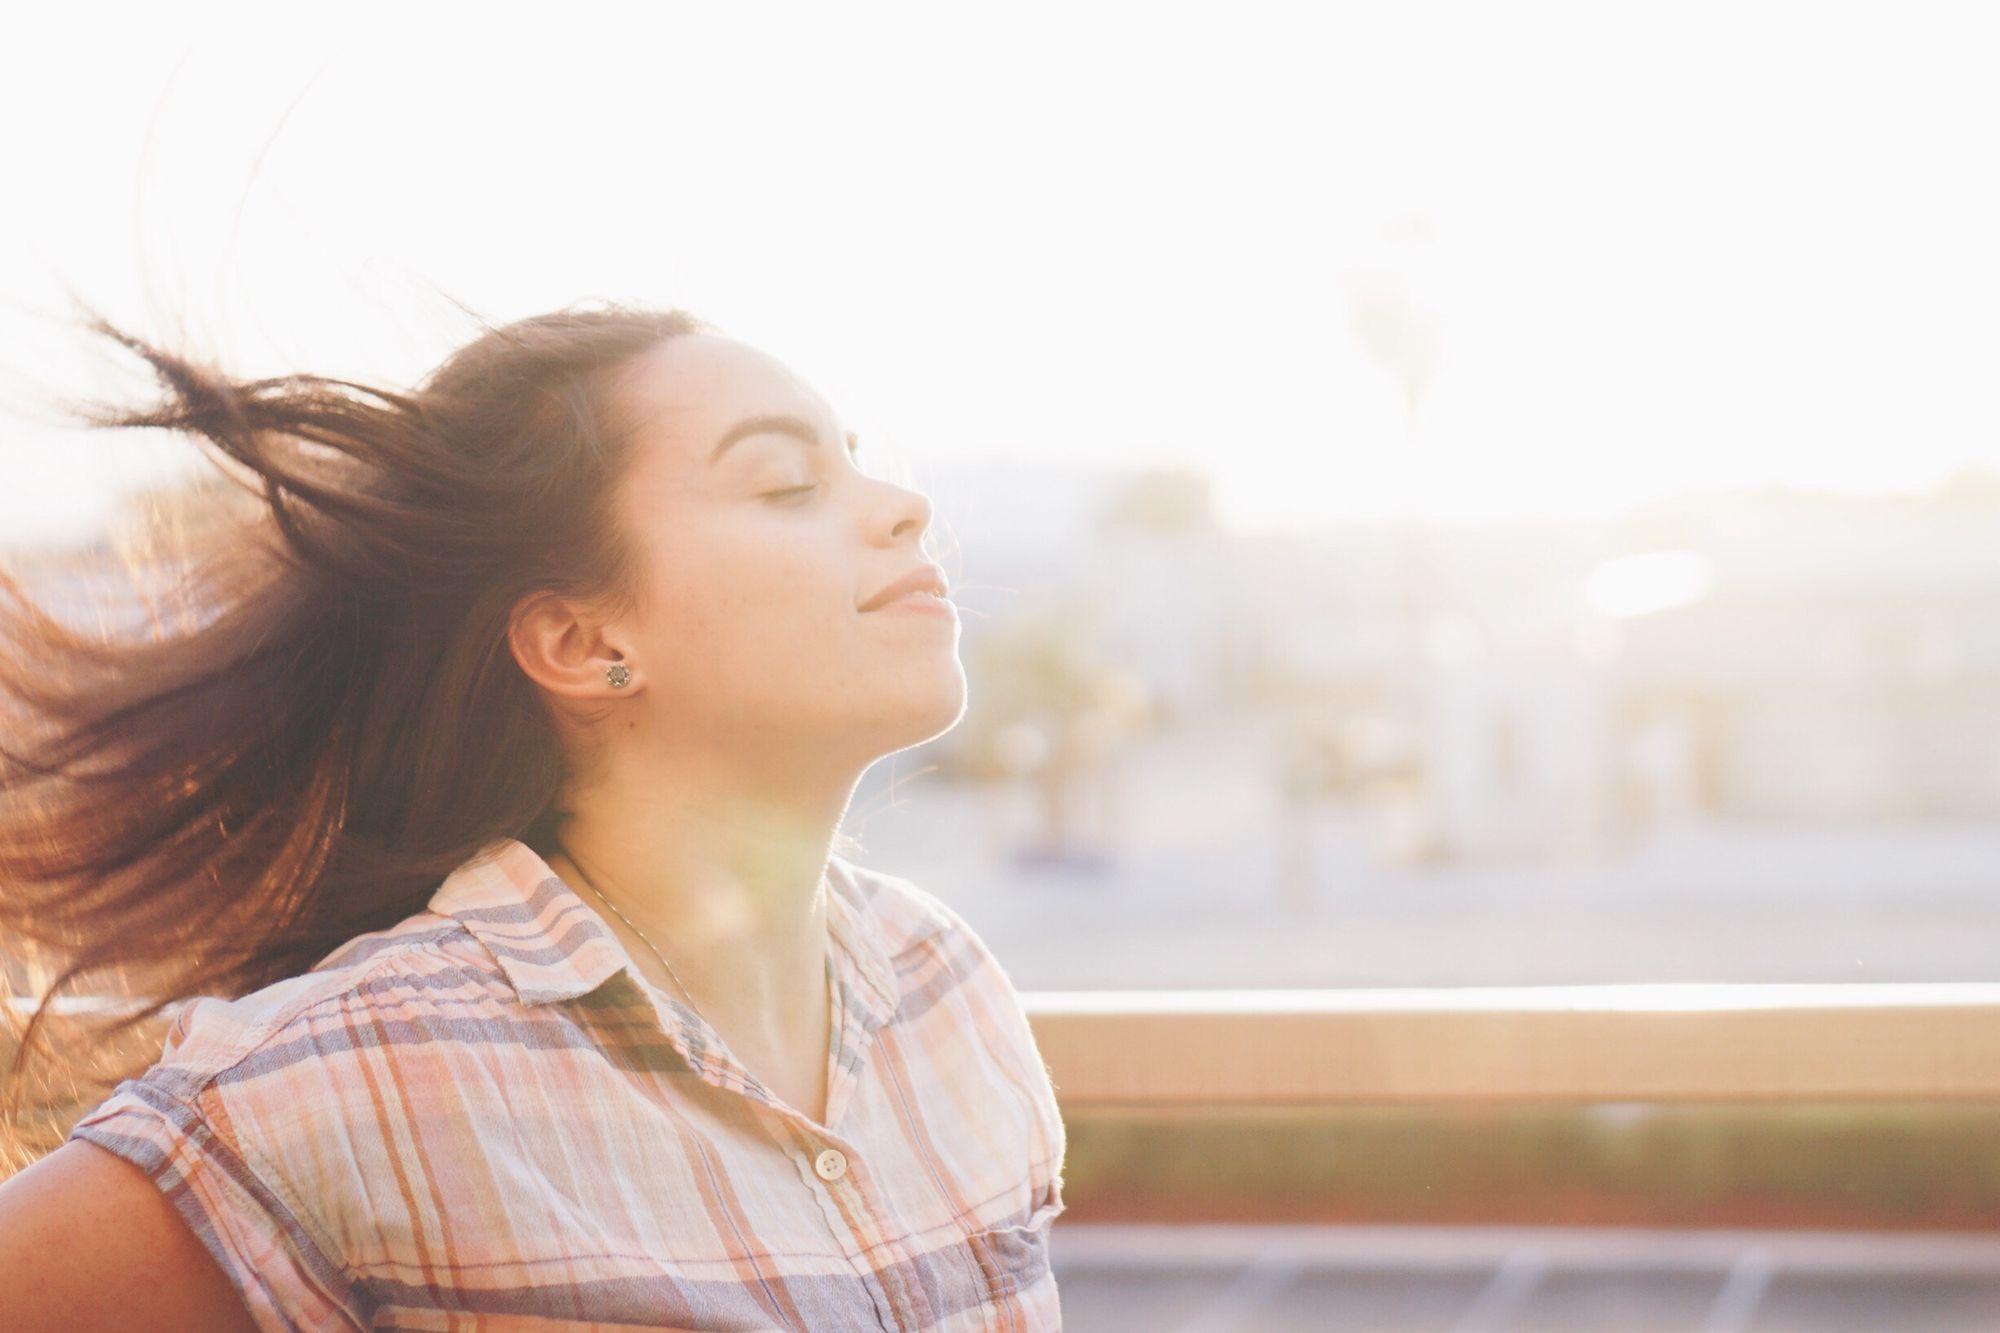 Kuvituskuva 12 - Nuori nainen hengittaa